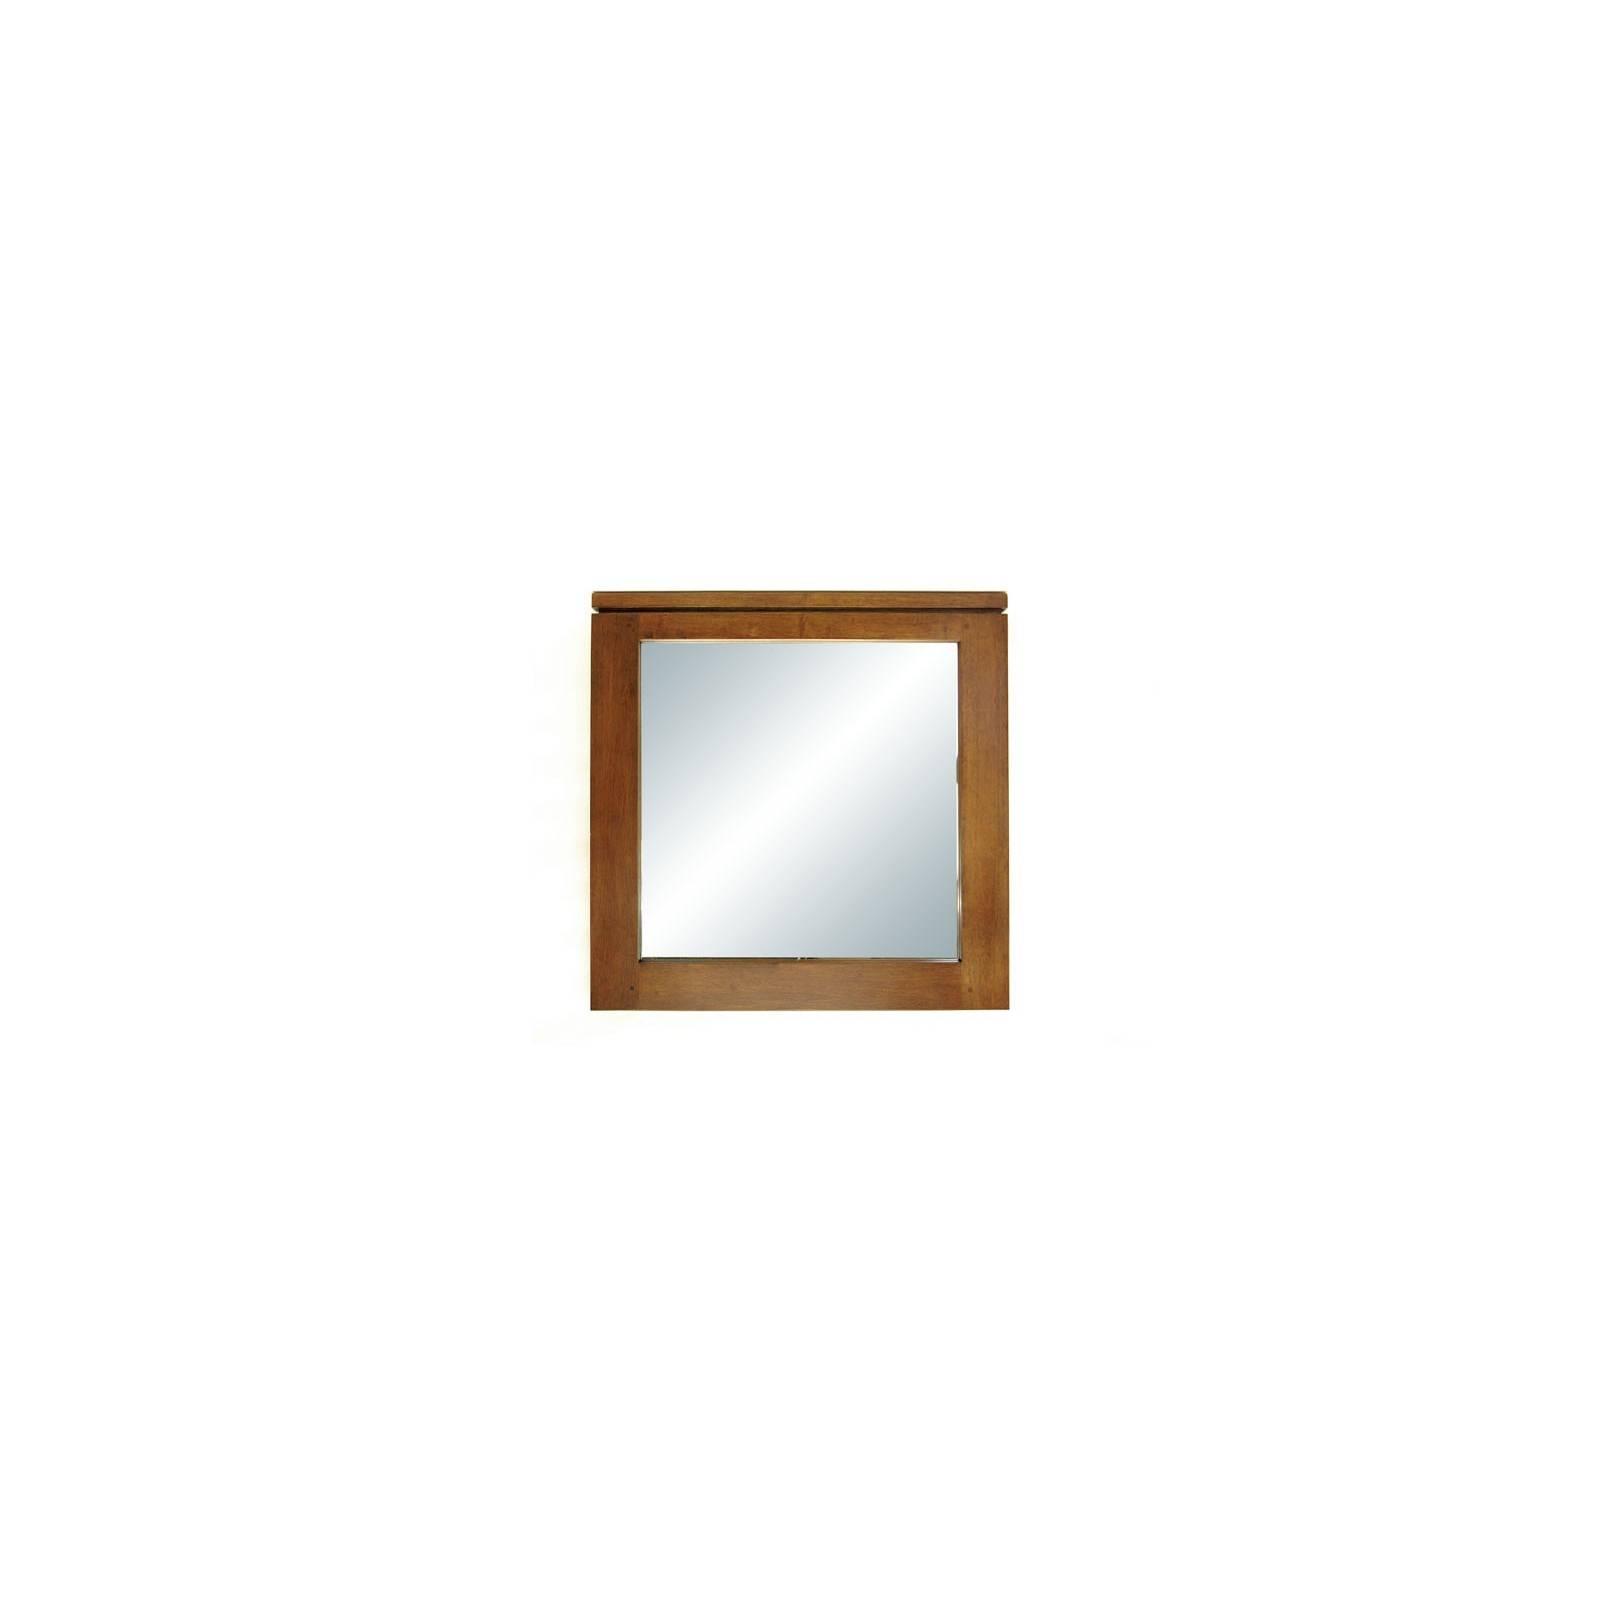 Miroir Carré Montréal Hévéa - meuble déco design